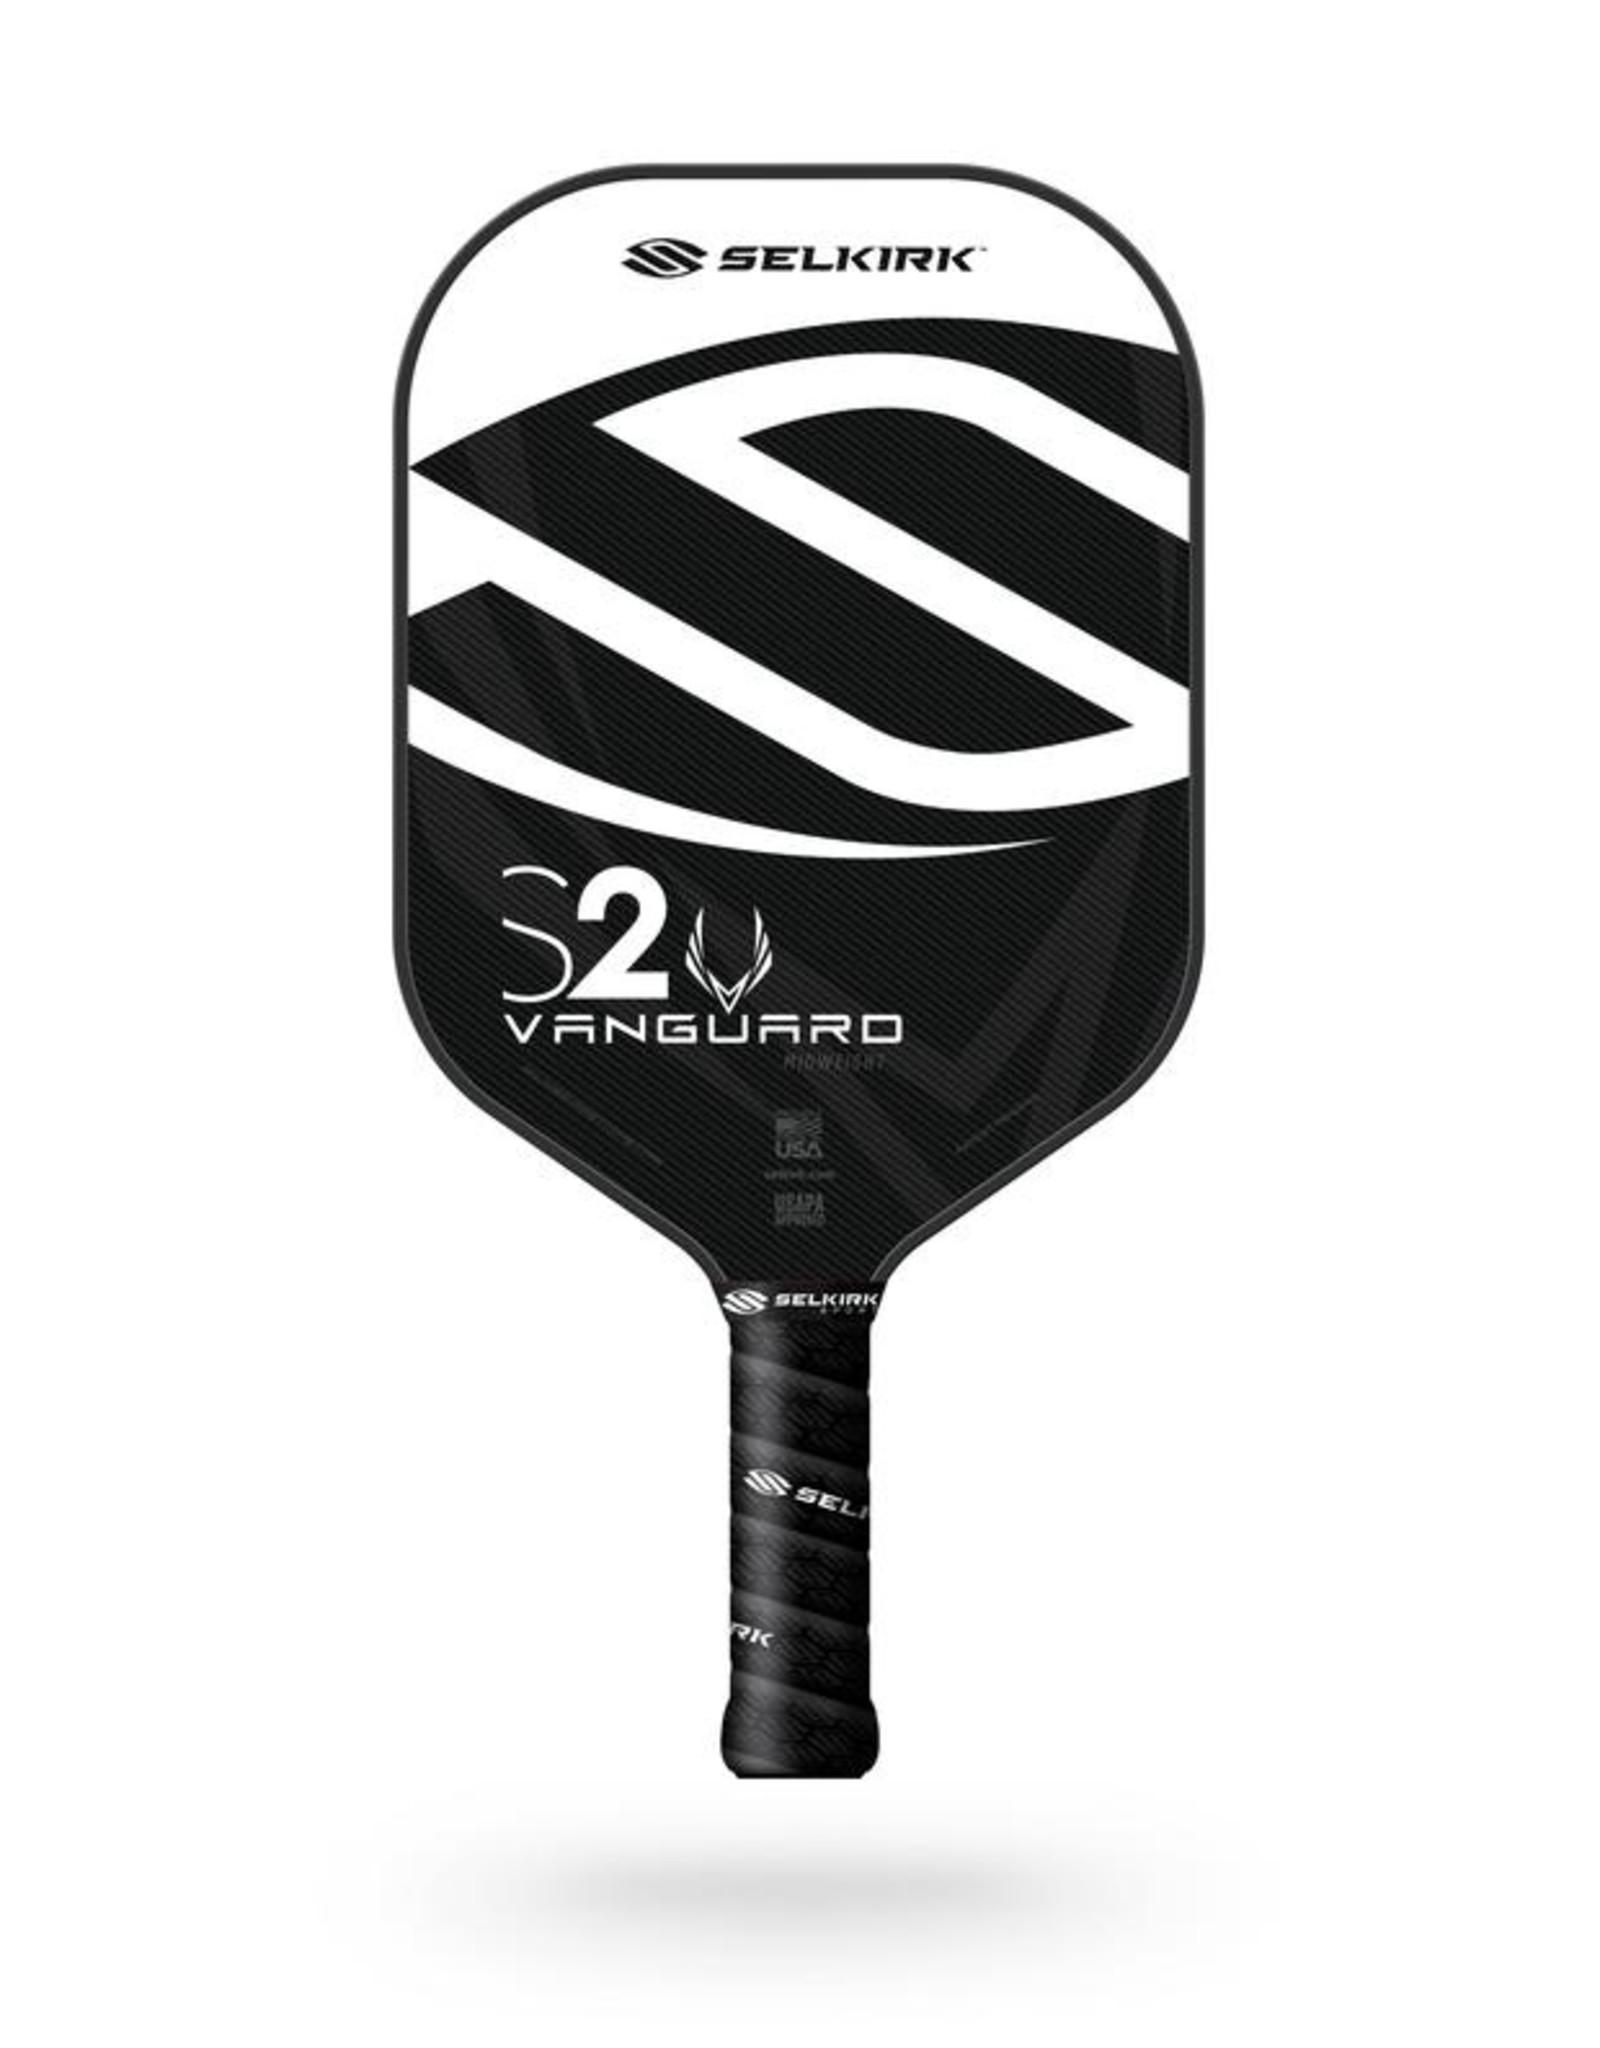 Selkirk Selkirk  Vanguard Hybrid S2 Midweight Black Frost